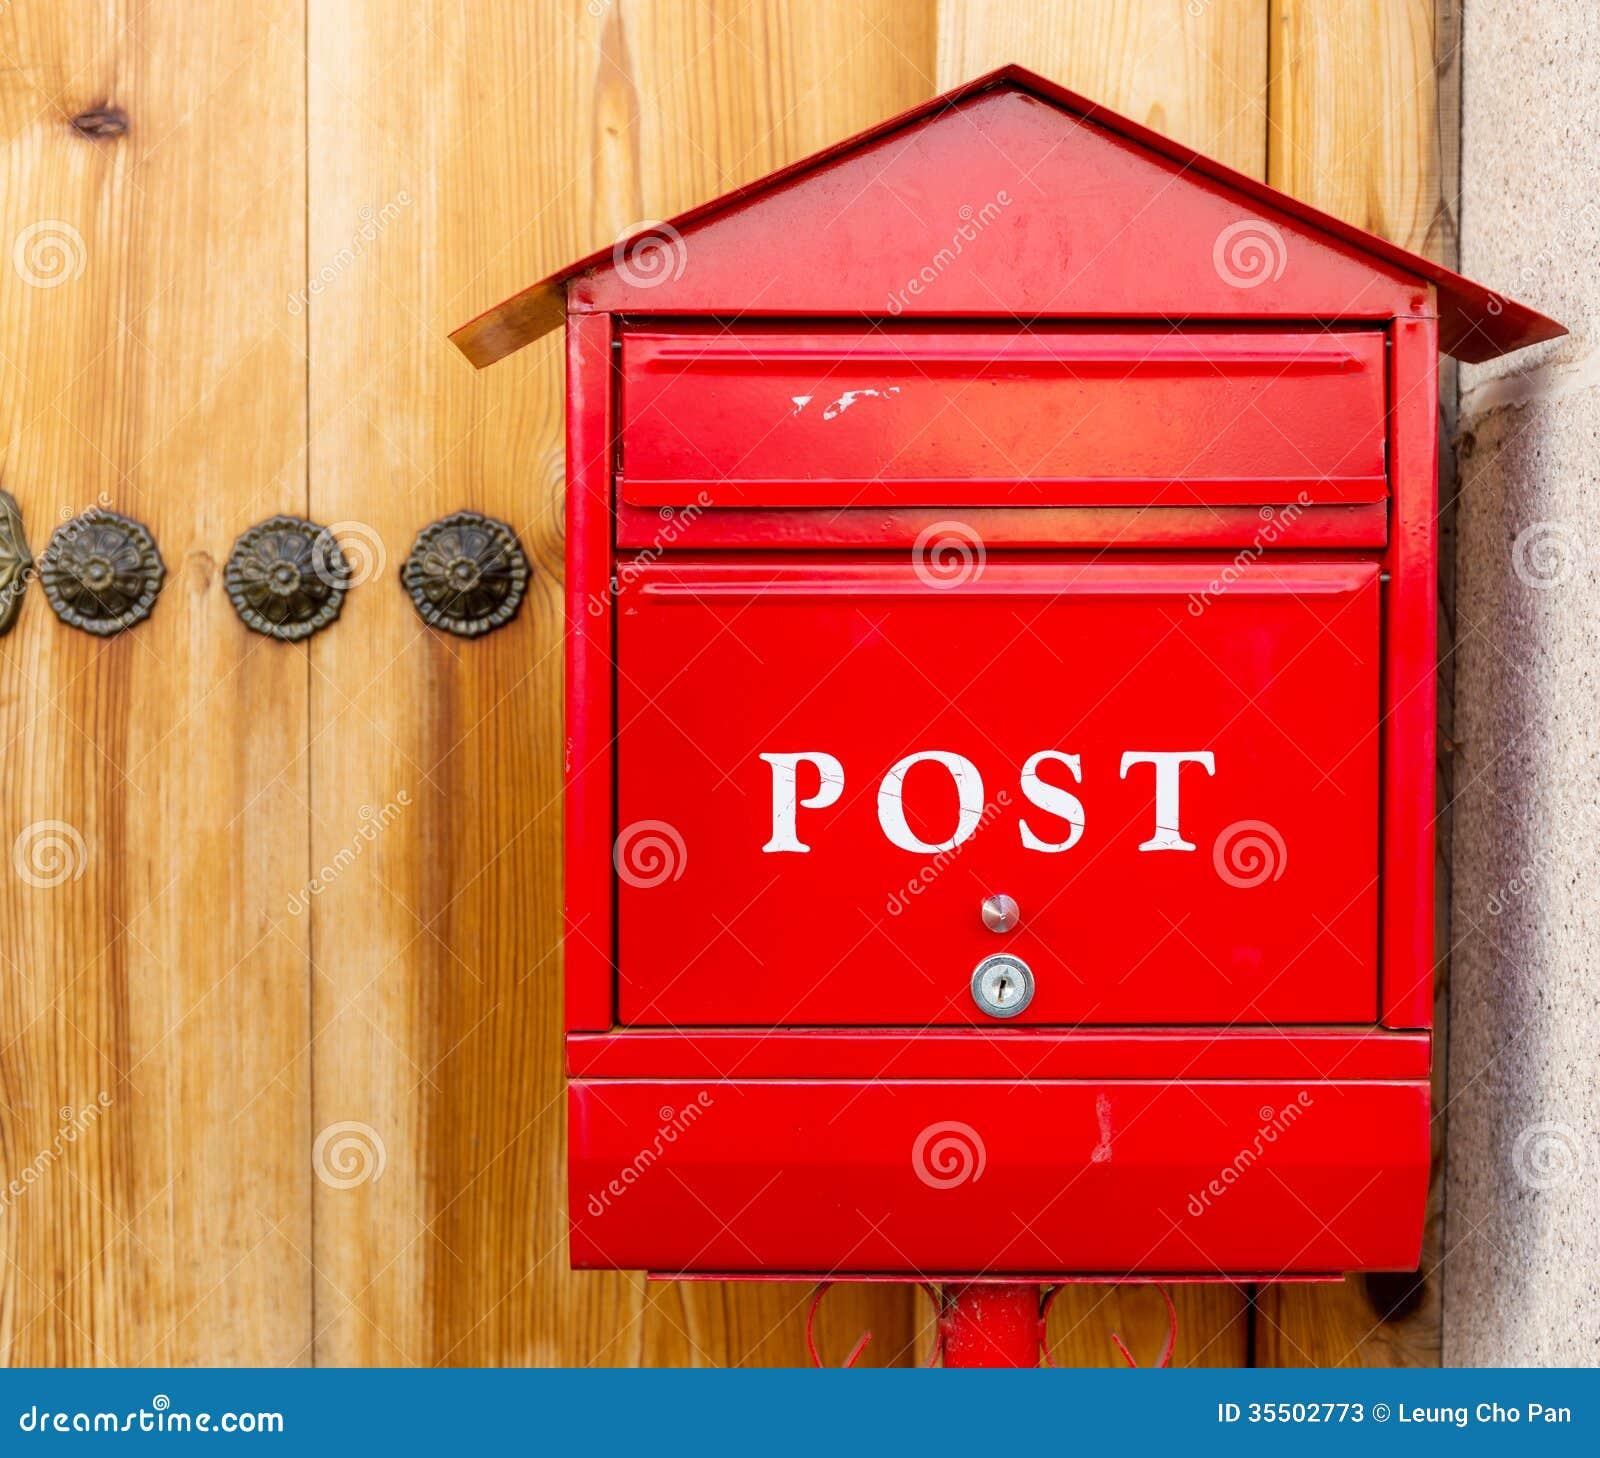 Boite Aux Lettres Rouge Image Stock Image Du Bureau 35502773